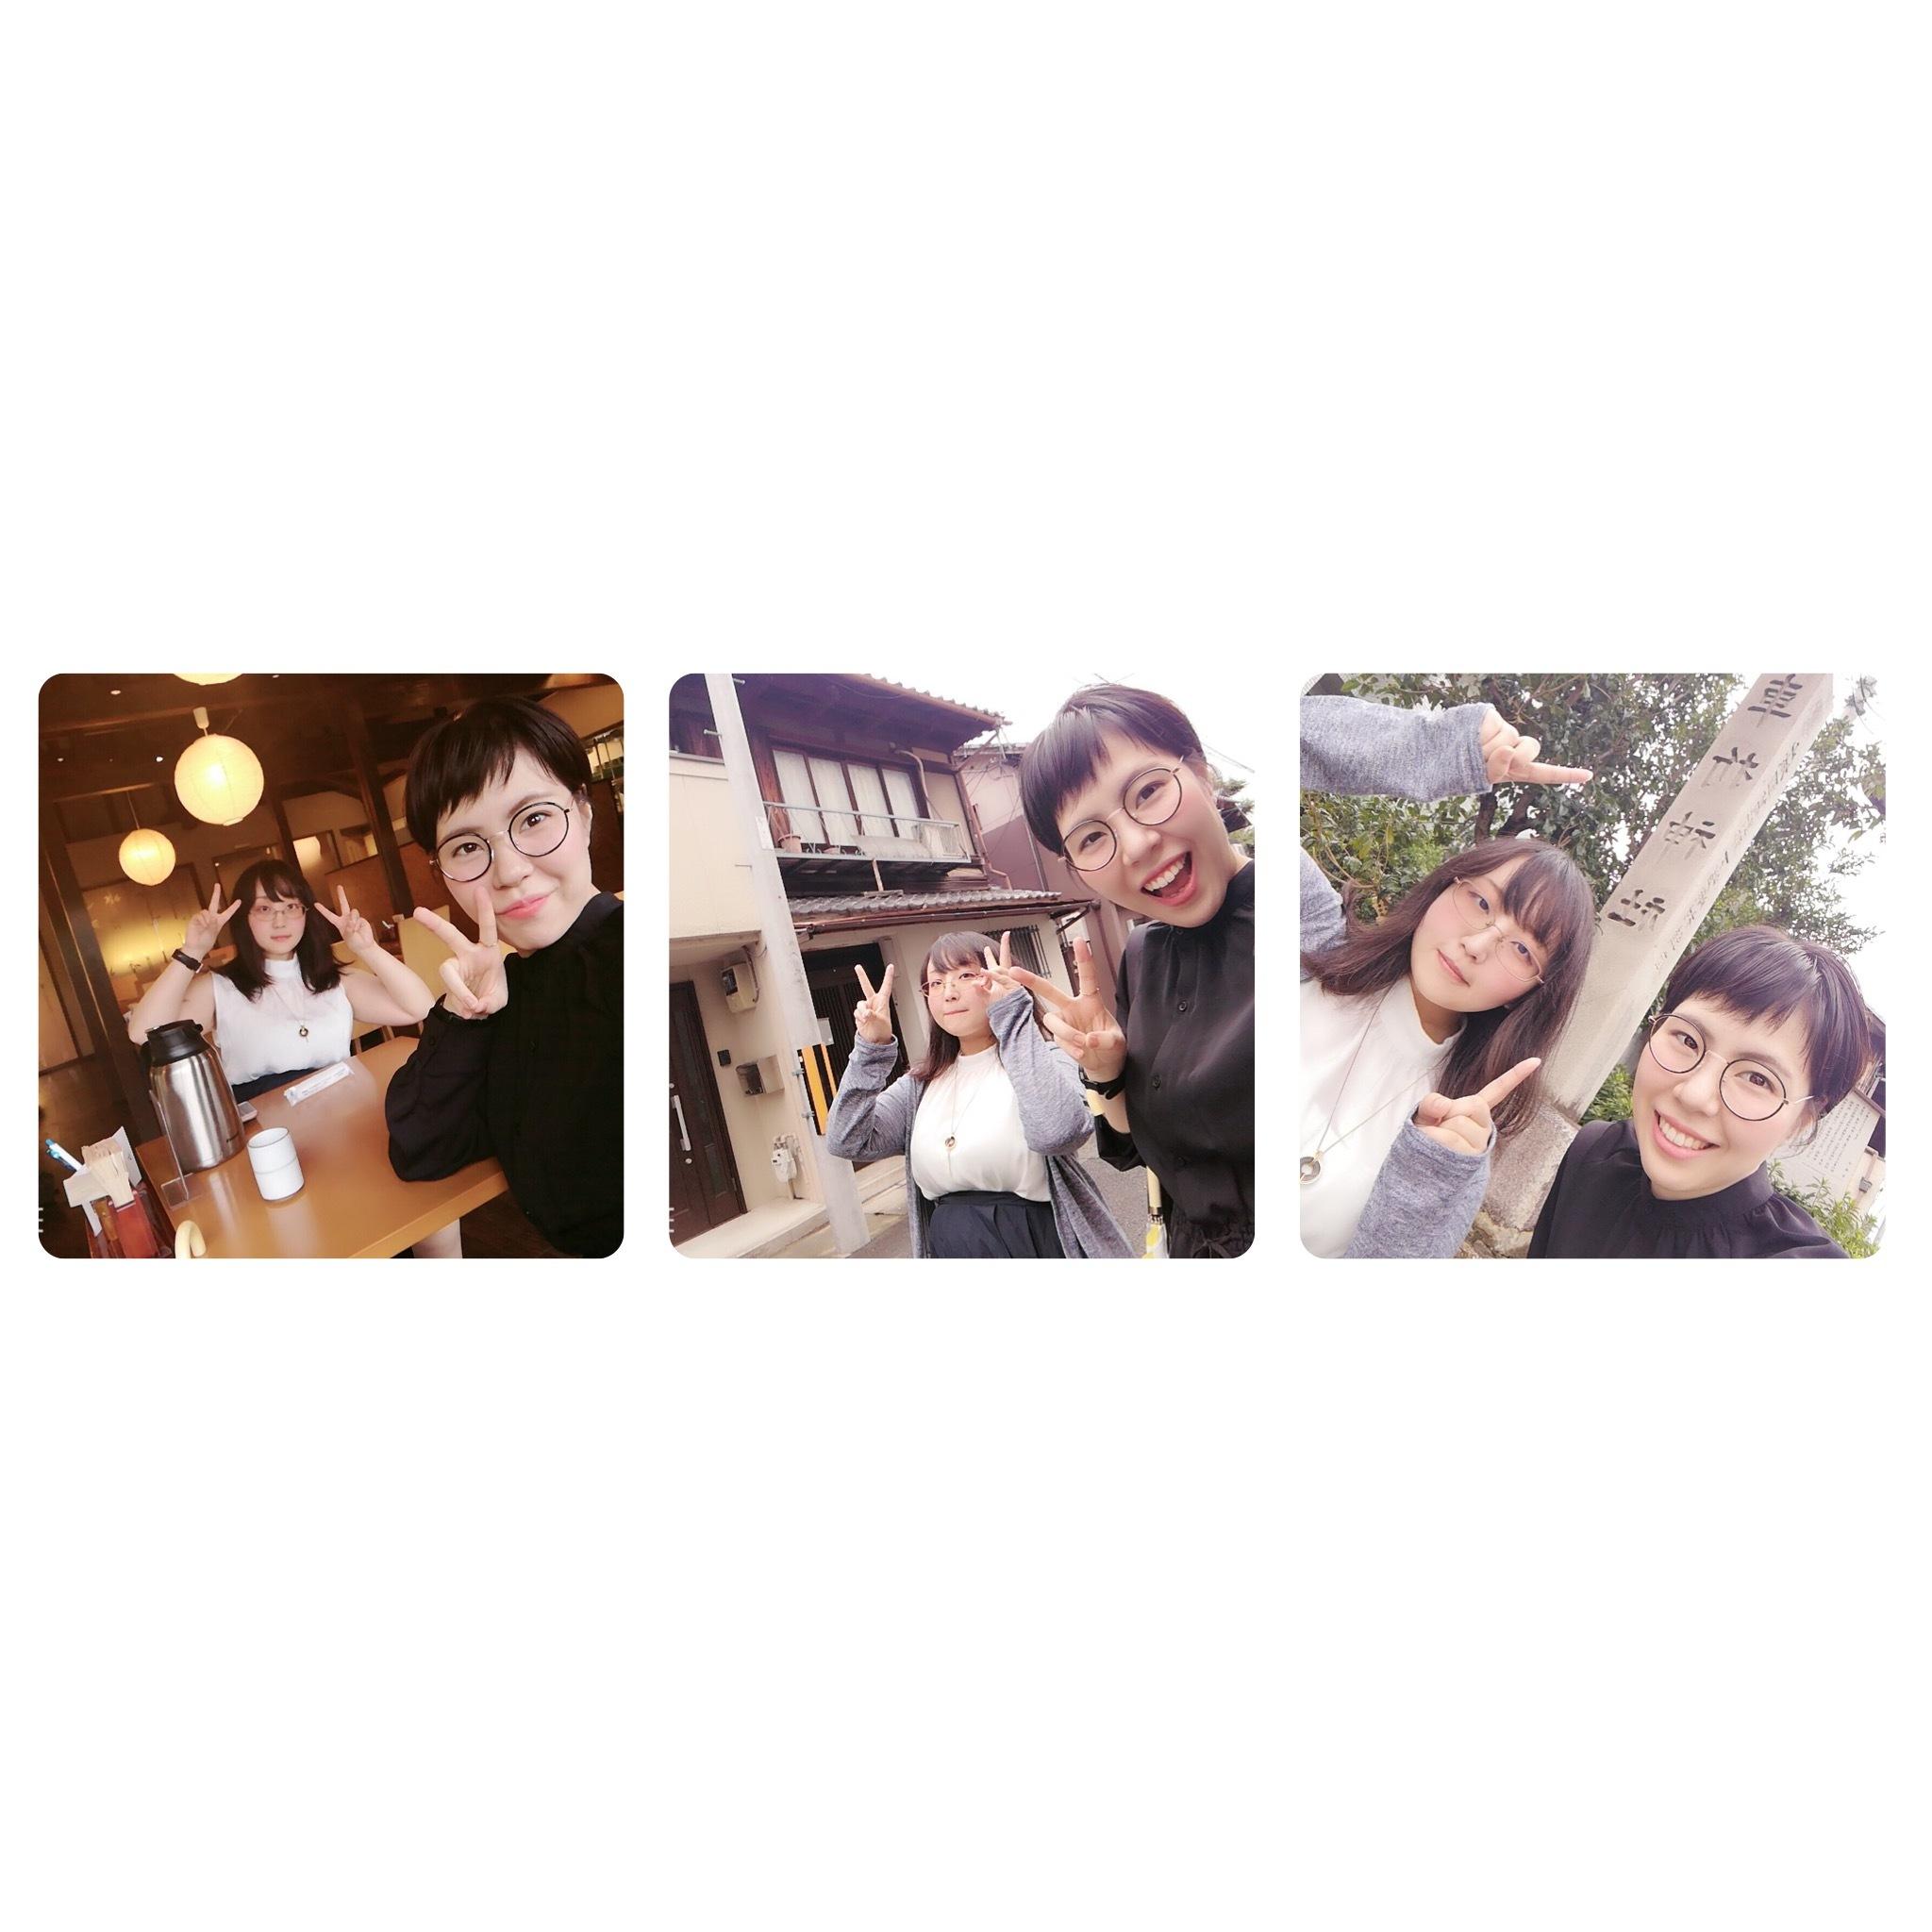 突発京都散歩。_a0157480_16450750.jpeg